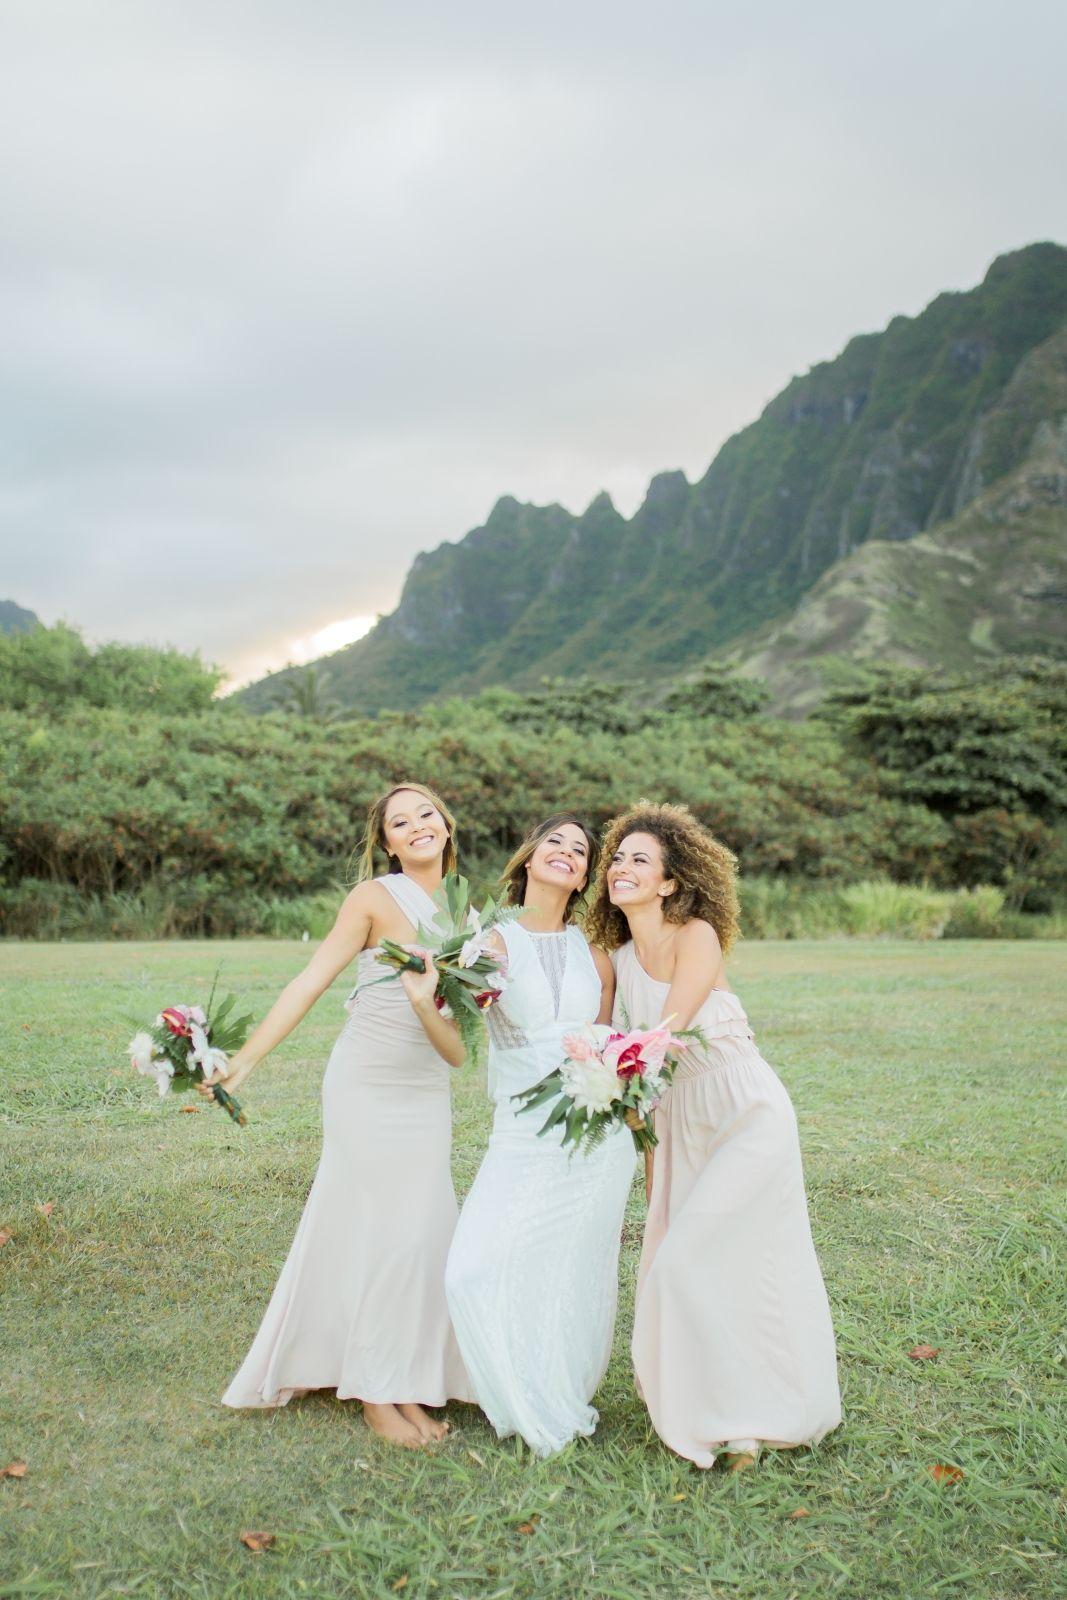 Tropical Wedding In Hawaii With Vida Chic Weddings And Events Chic Wedding Hawaii Beach Wedding Hawaiian Wedding